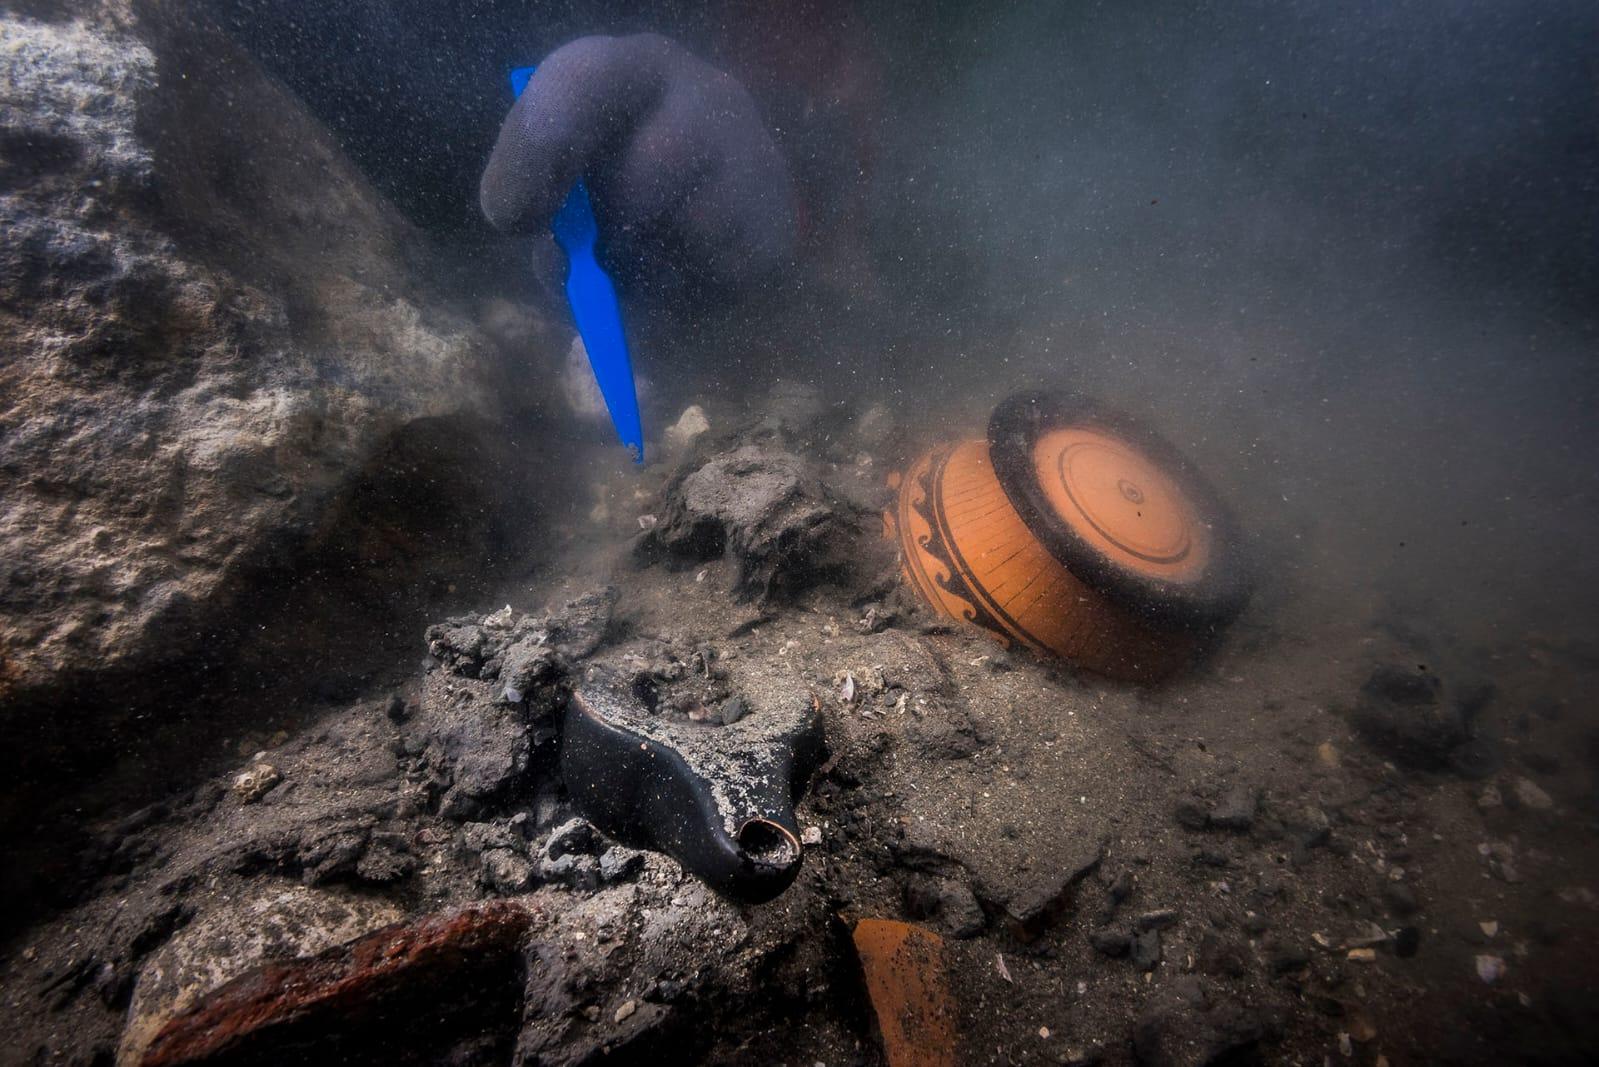 當地時間19日,埃及旅遊和文物部發布的一張資料圖片顯示,一名潛水員在埃及地中海北部海岸阿布齊爾灣沉沒的托尼斯赫拉克利翁市發掘陶器碎片。